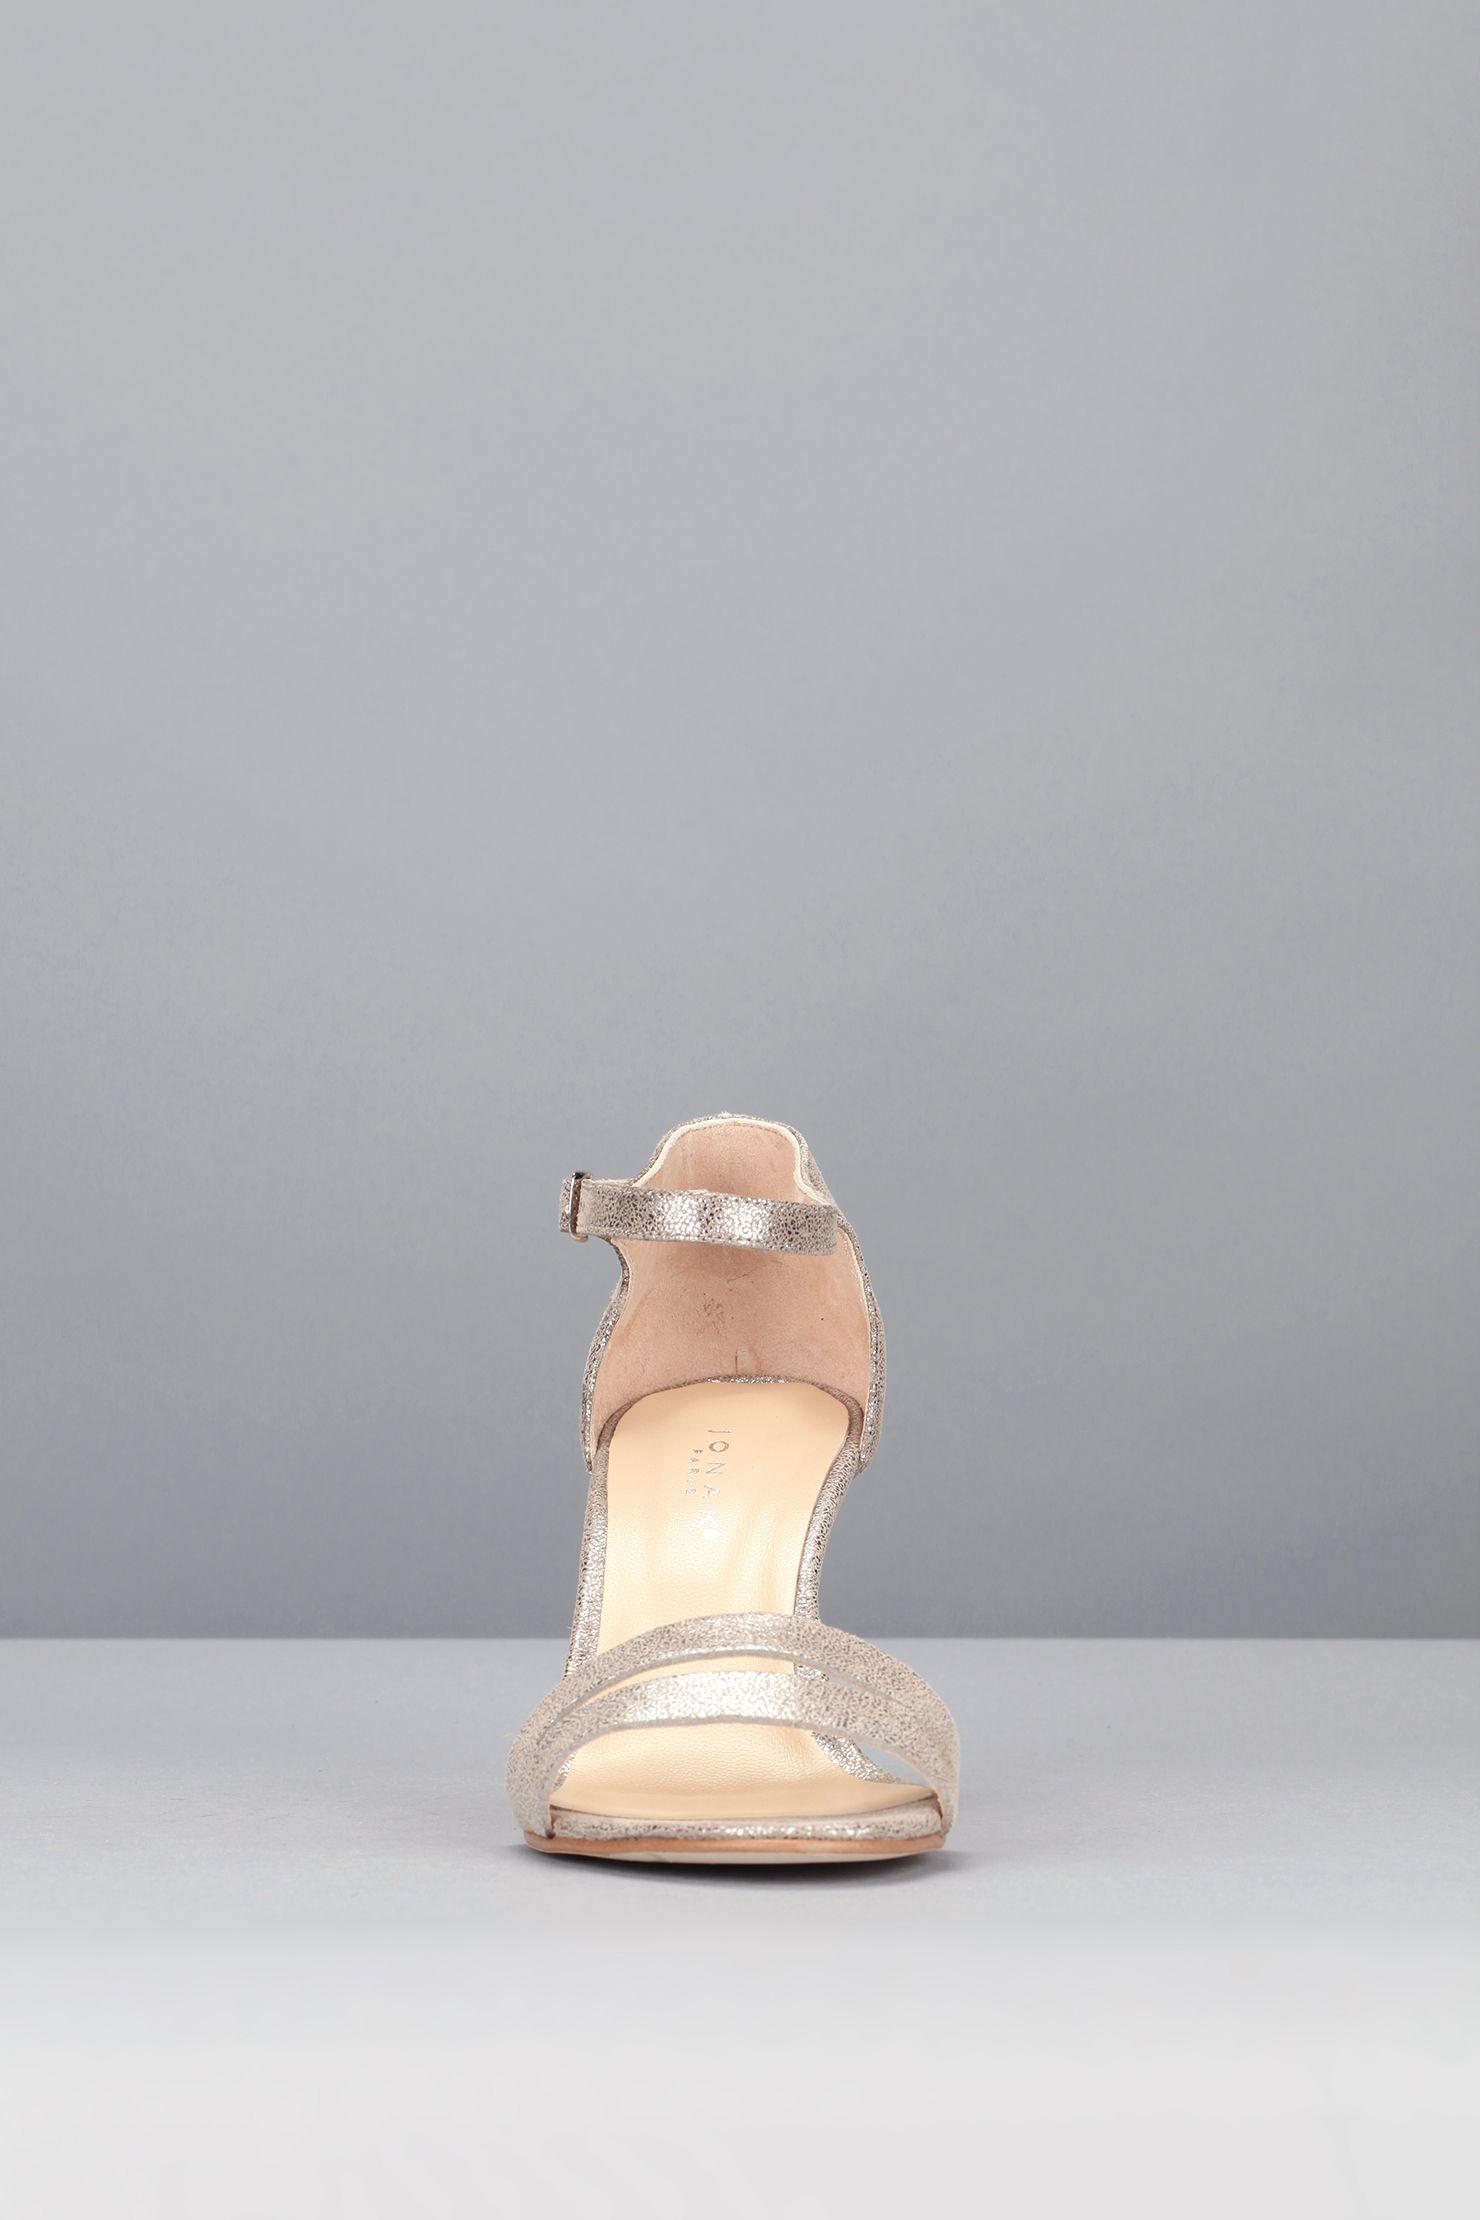 89 Sandale - 264-dream croute laminee - Weiß / Naturfarben